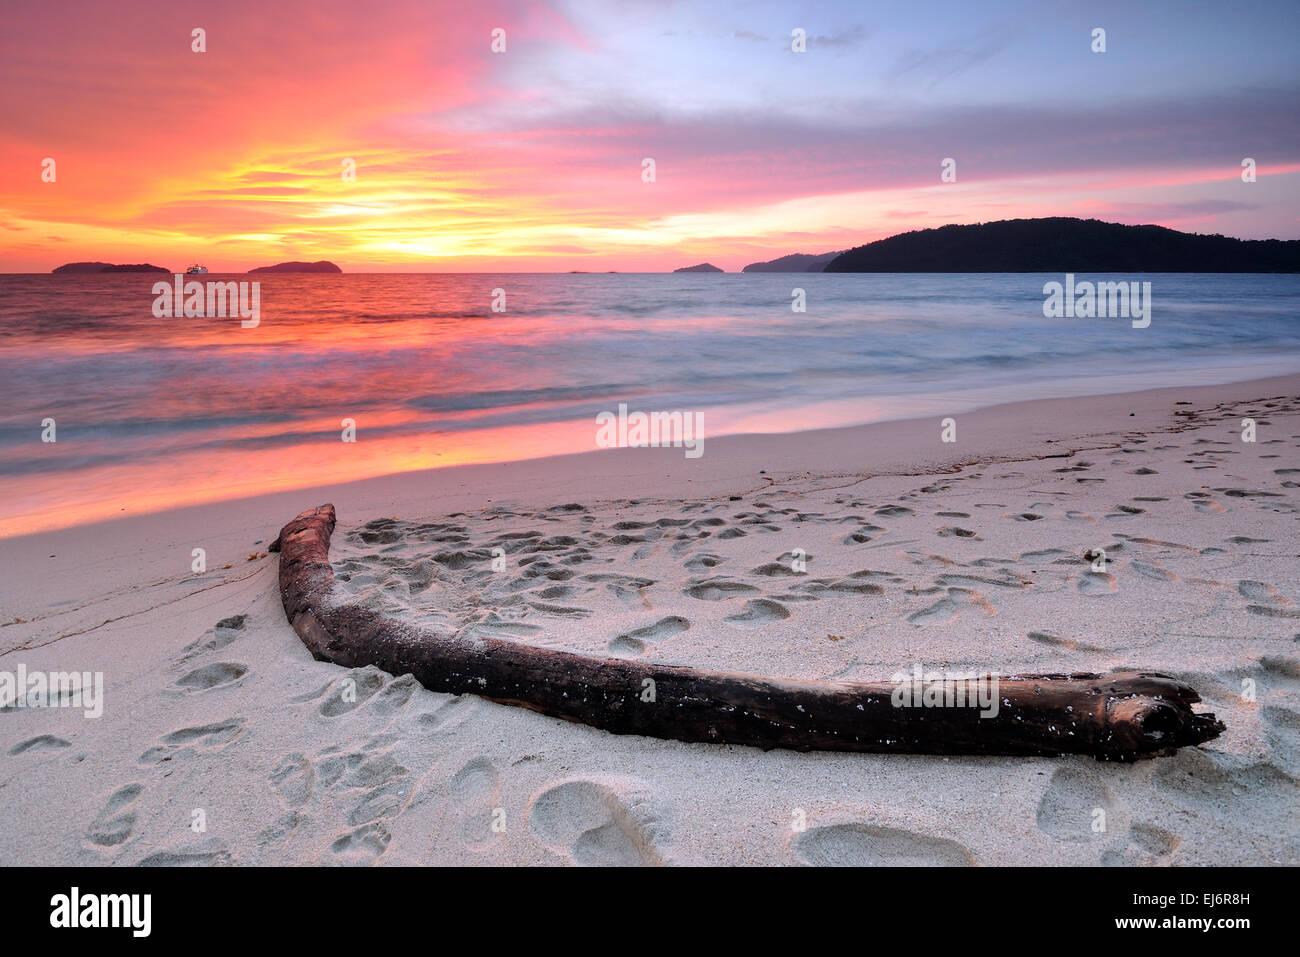 Sunset at the beach in Kota Kinabalu Sabah Borneo Malaysia - Stock Image